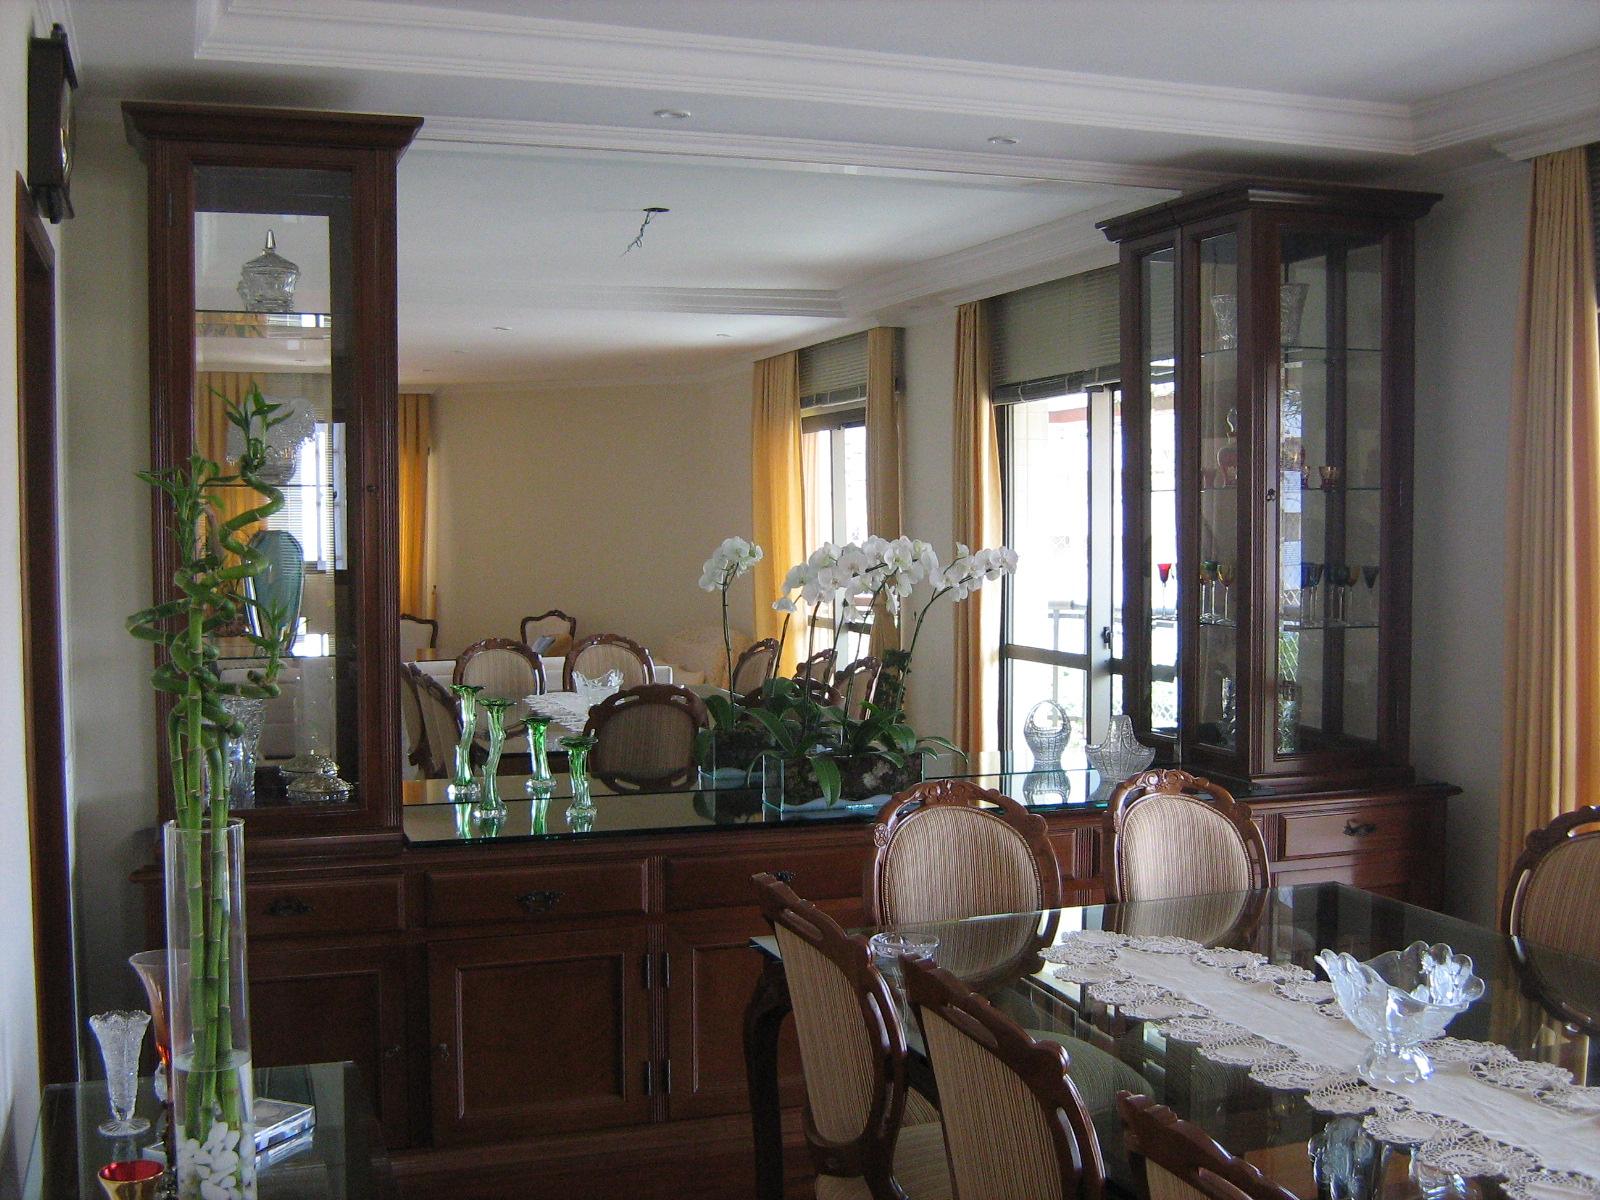 Blog Decoração de Interiores: Buffet de Madeira sob Encomenda #8C713F 1600x1200